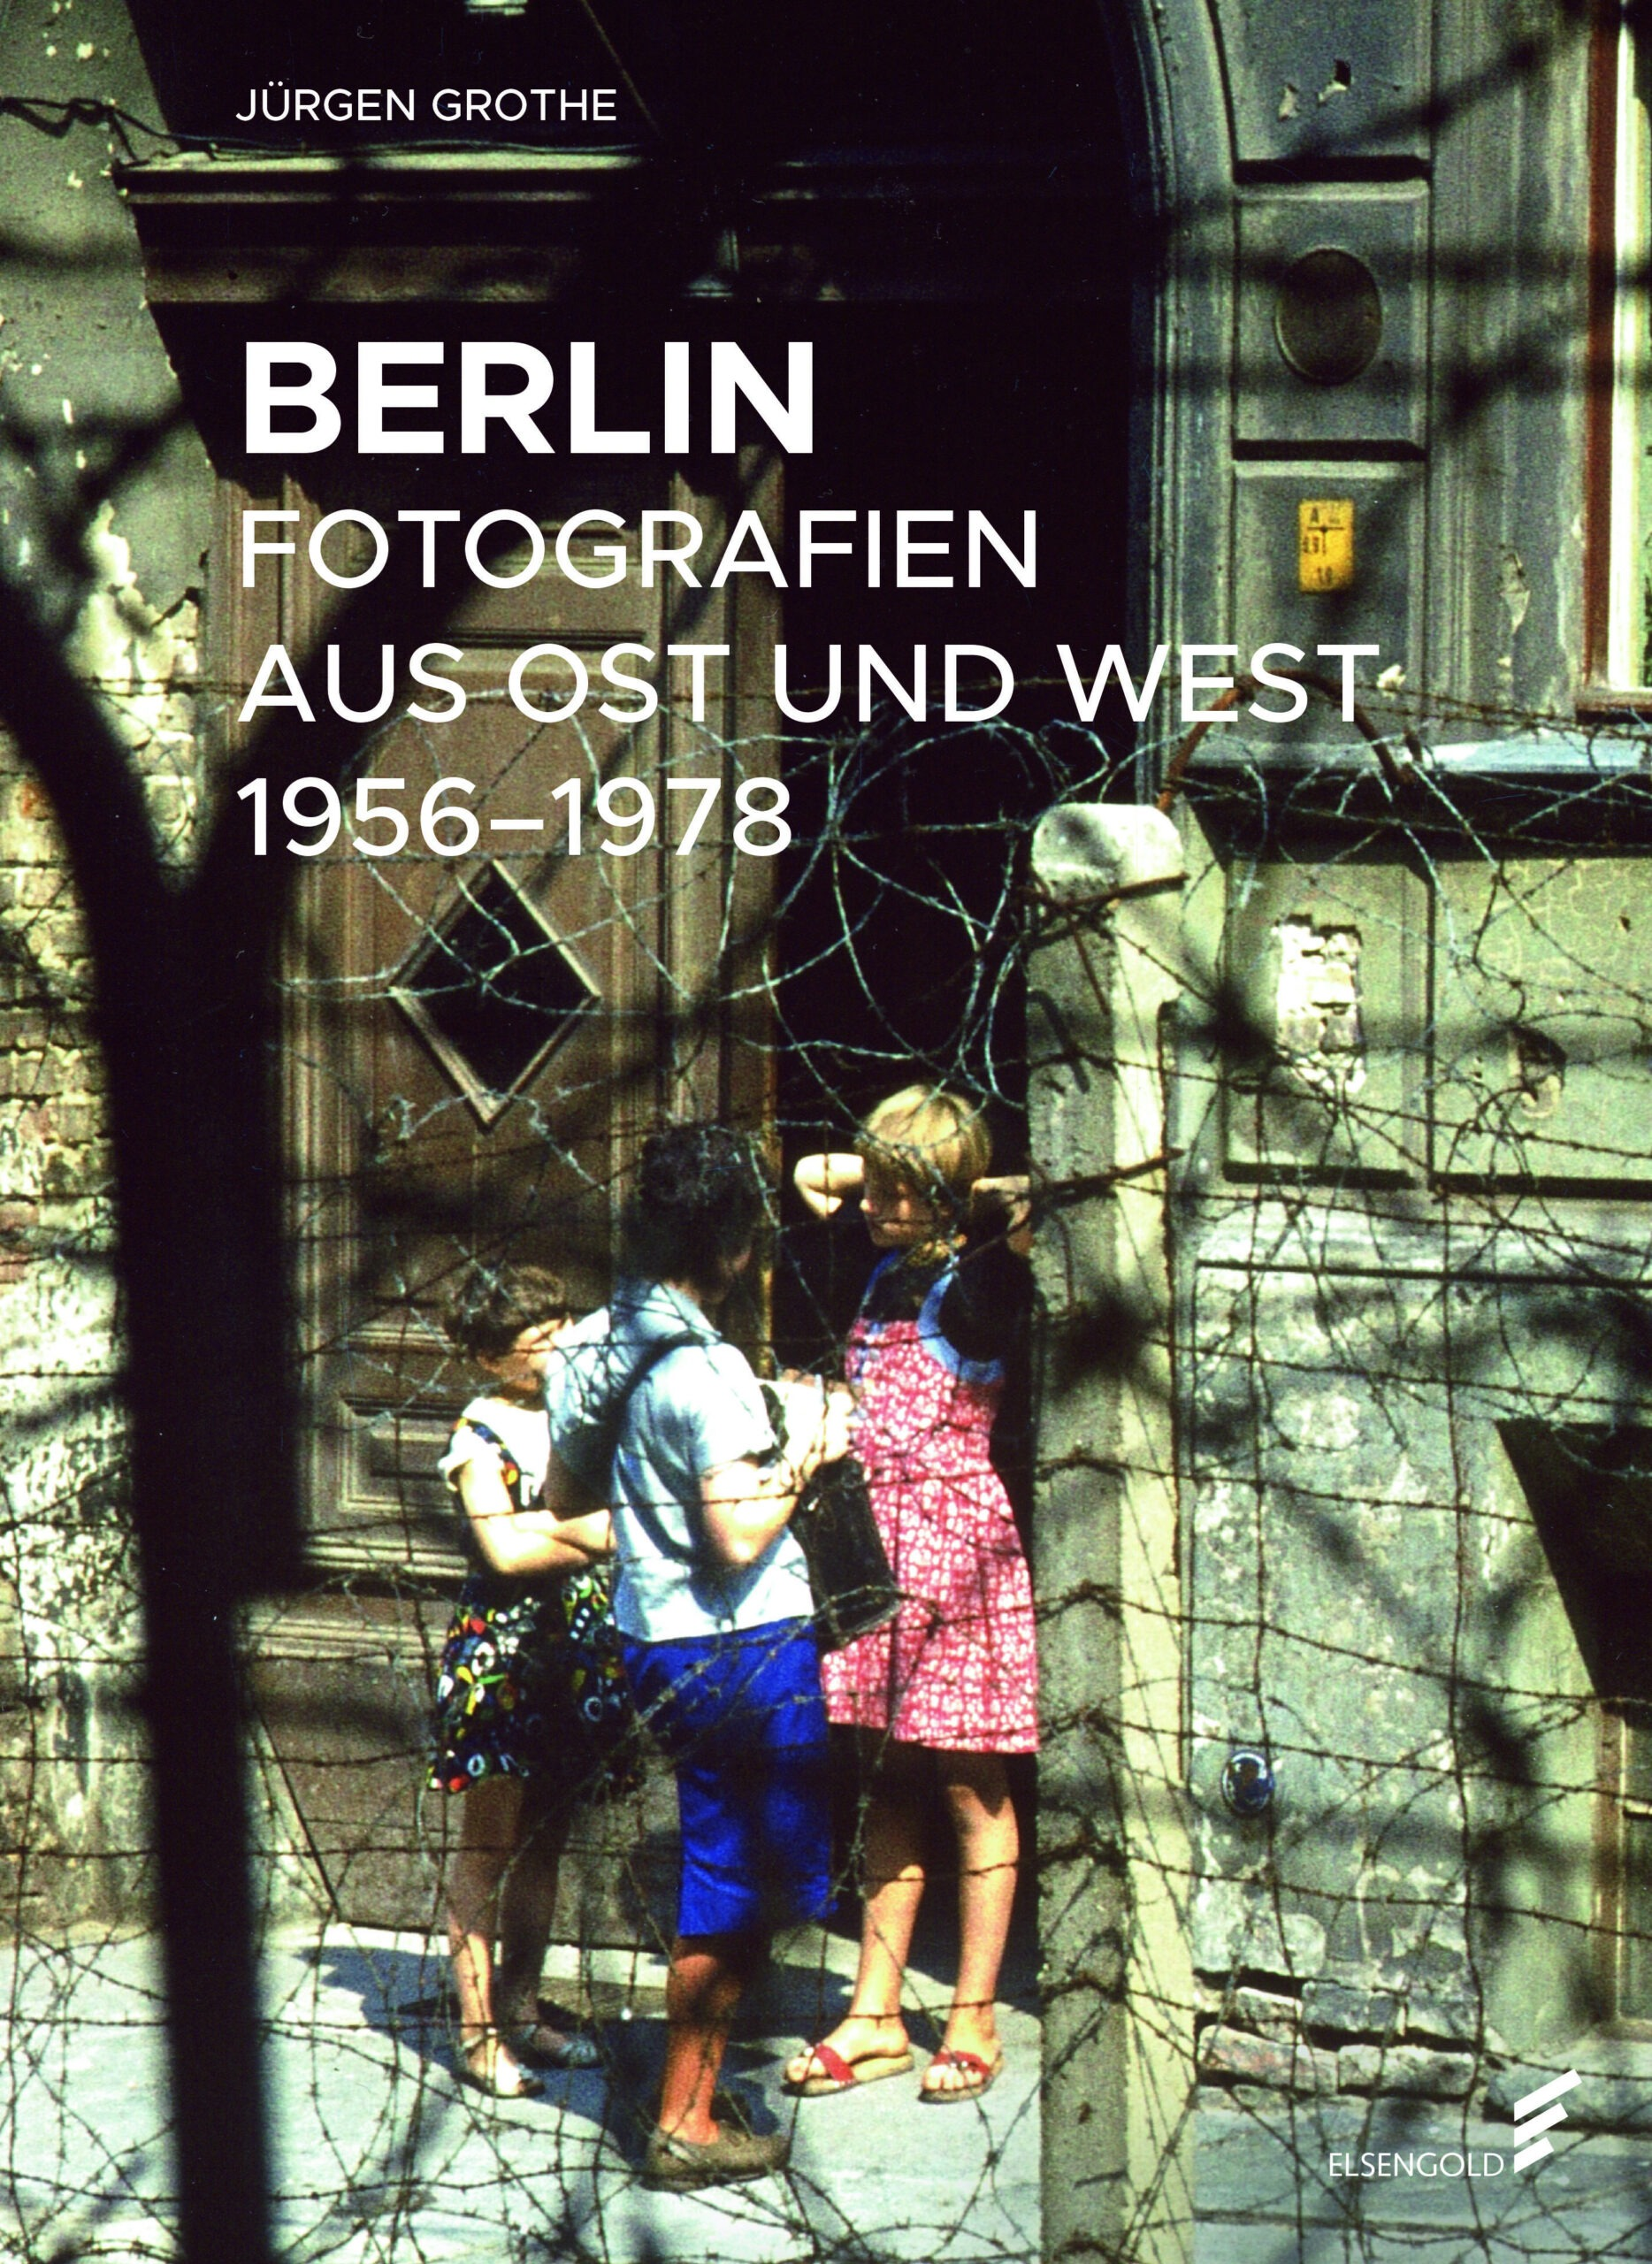 Berlin Fotografien Ost und West